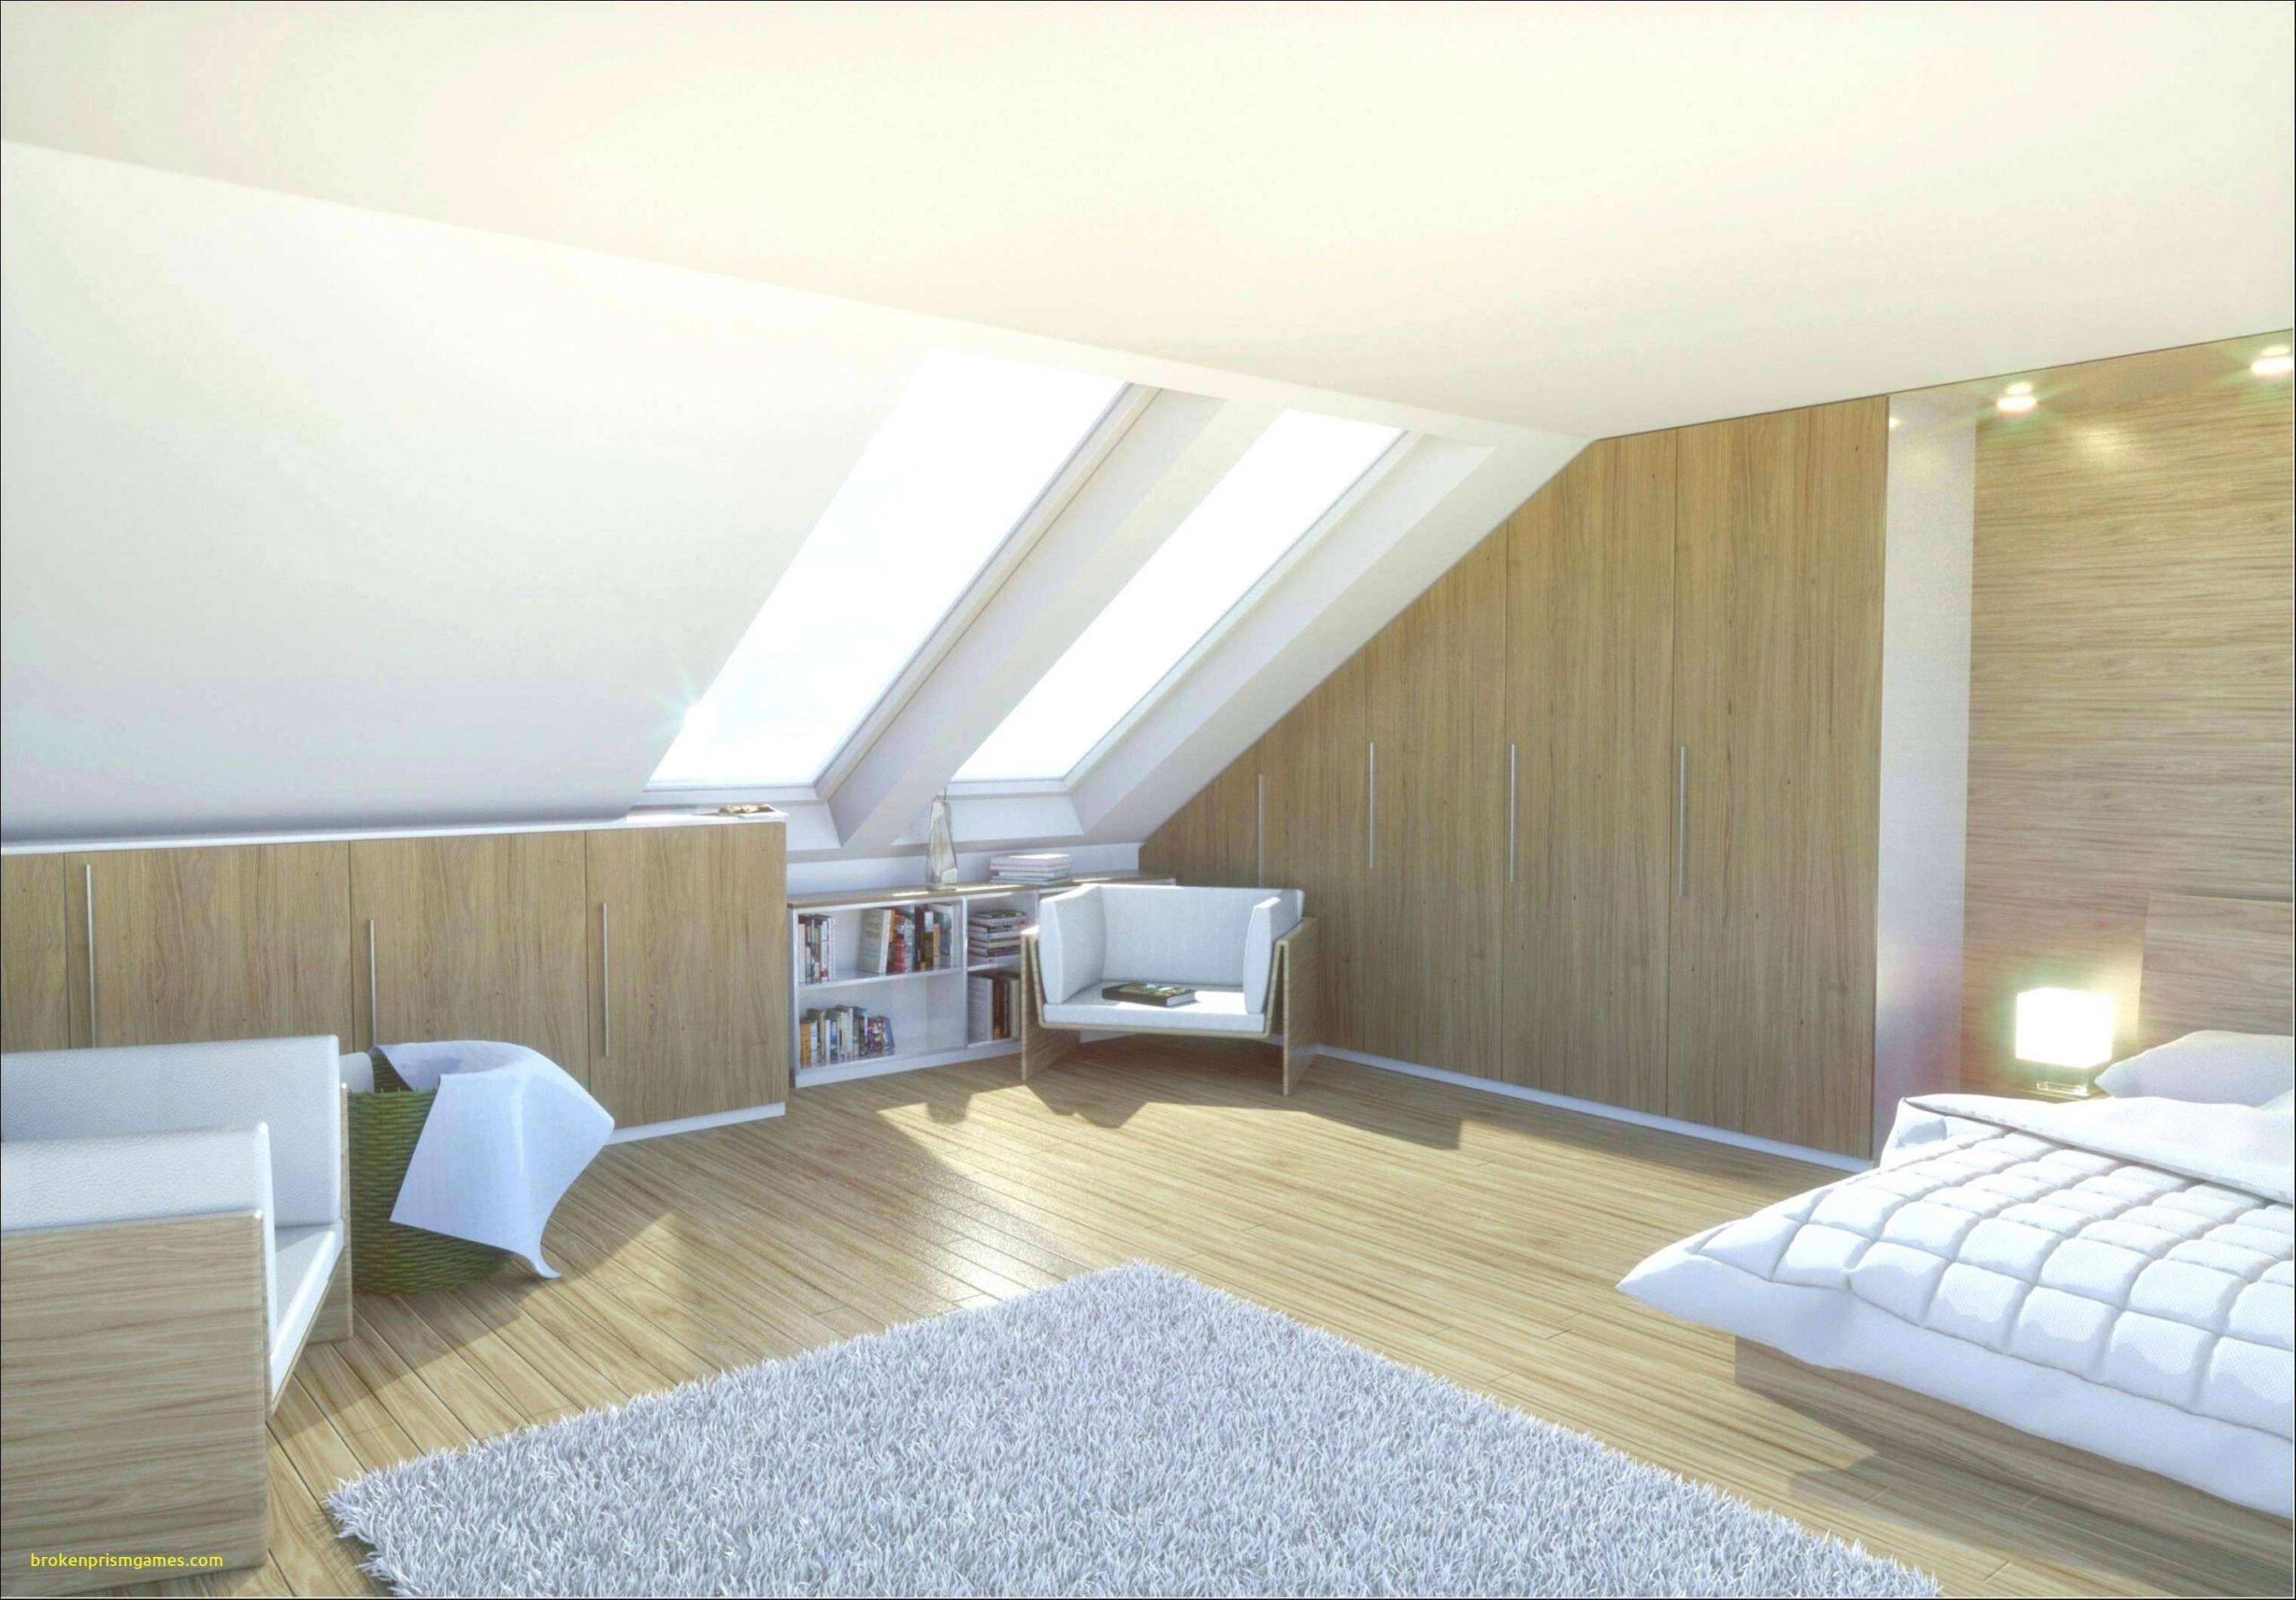 Full Size of Wanddeko Ideen Wohnzimmer Schn Inspirational Deko Küche Tapeten Bad Renovieren Wohnzimmer Wanddeko Ideen